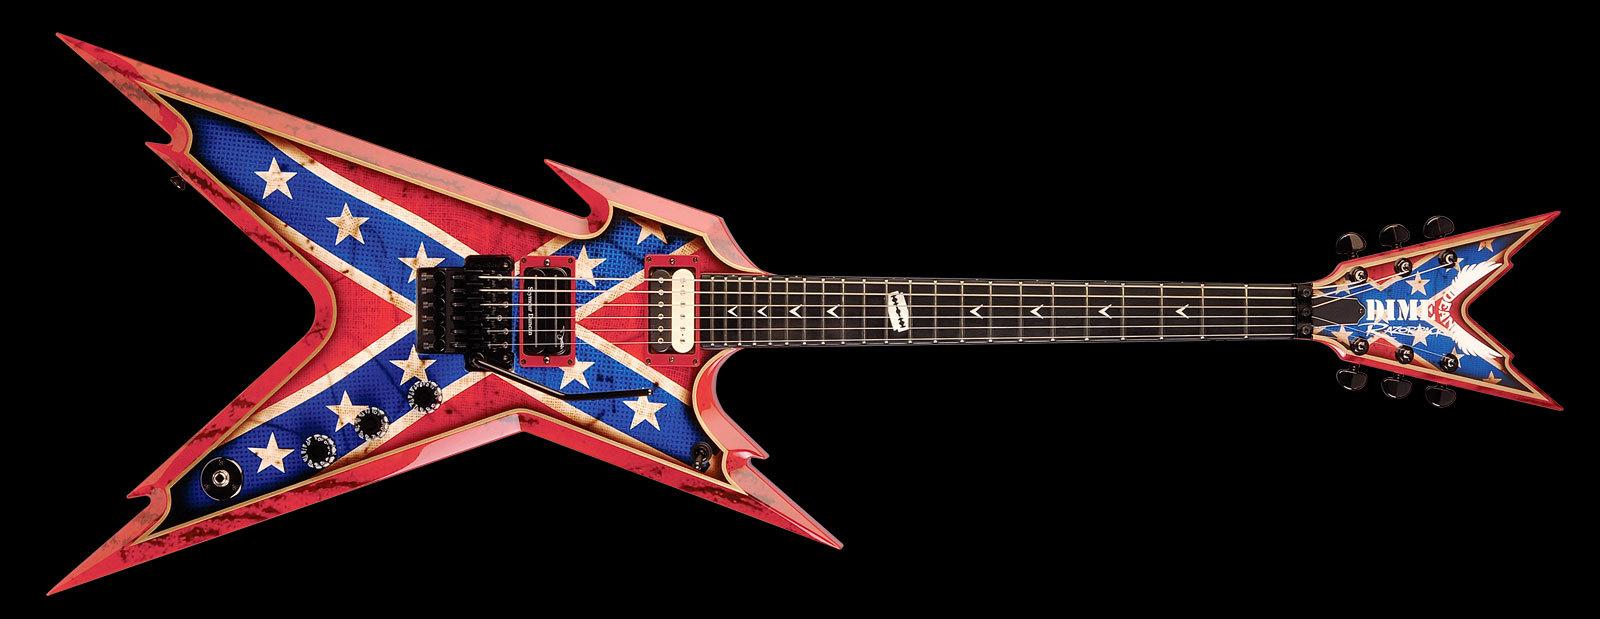 audiofanzine fr 39 s review dean guitars usa razorback rebel flag. Black Bedroom Furniture Sets. Home Design Ideas